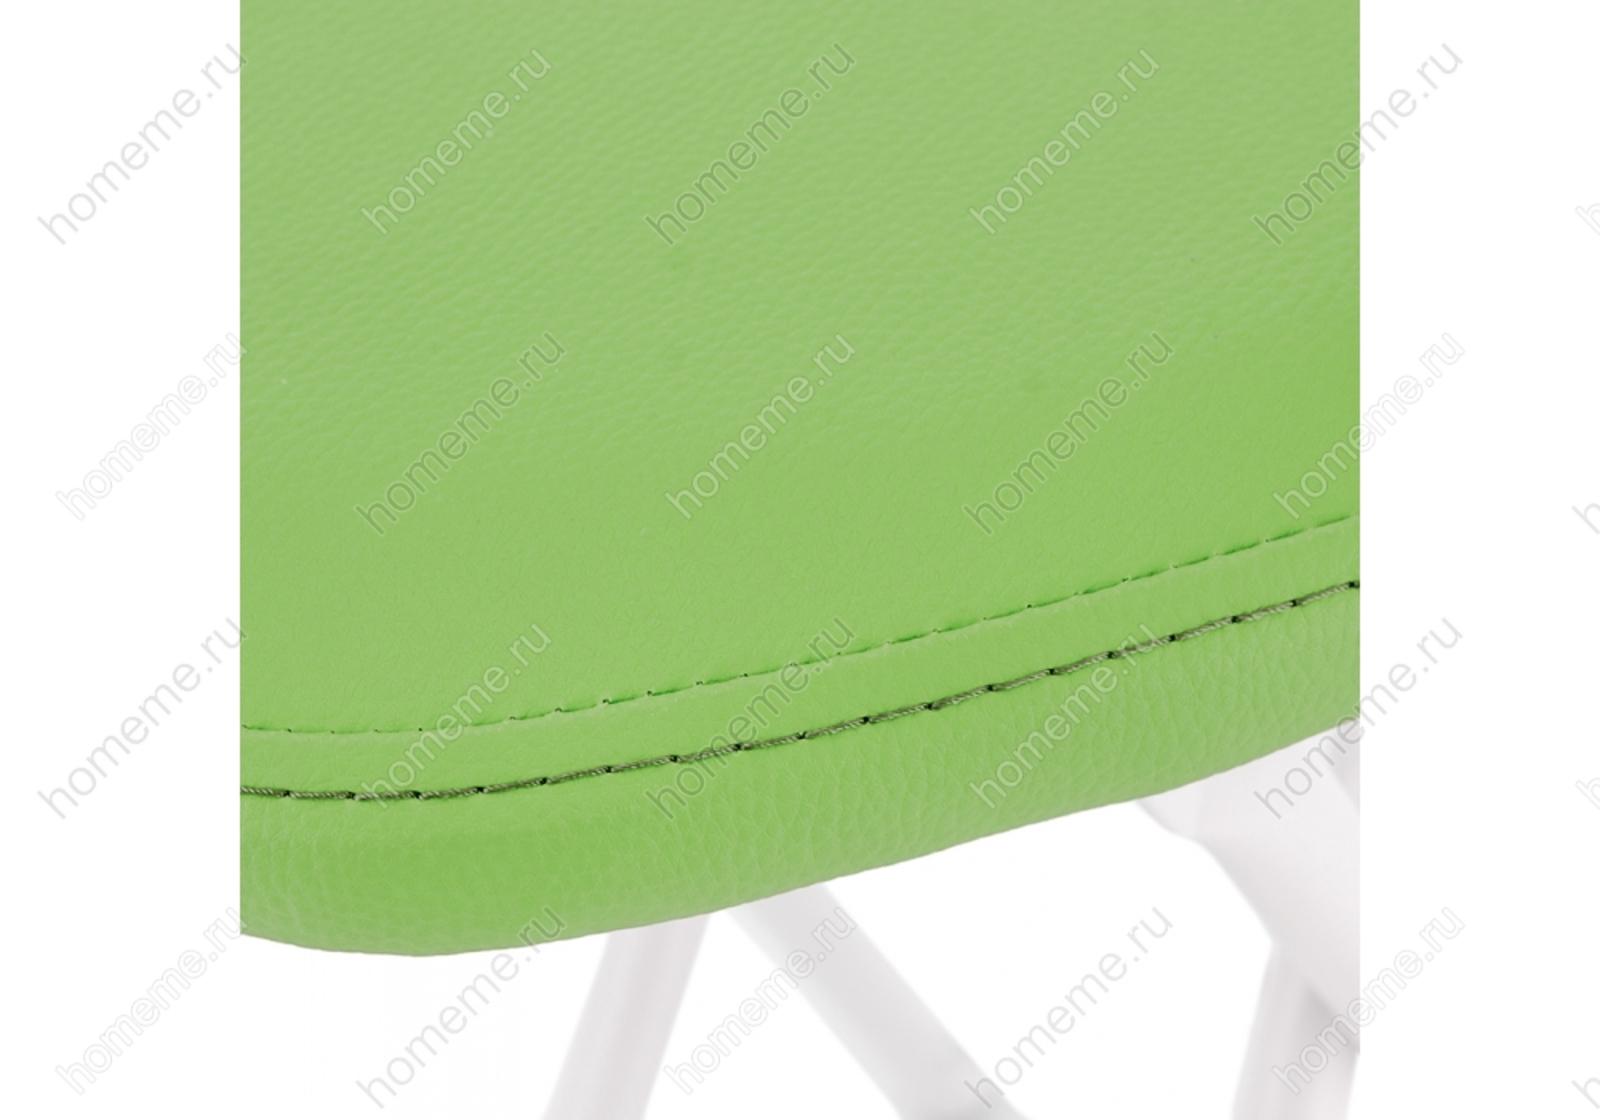 Стул Алэр зеленый / белый 302736 Алэр зеленый / белый 302736 (15325)